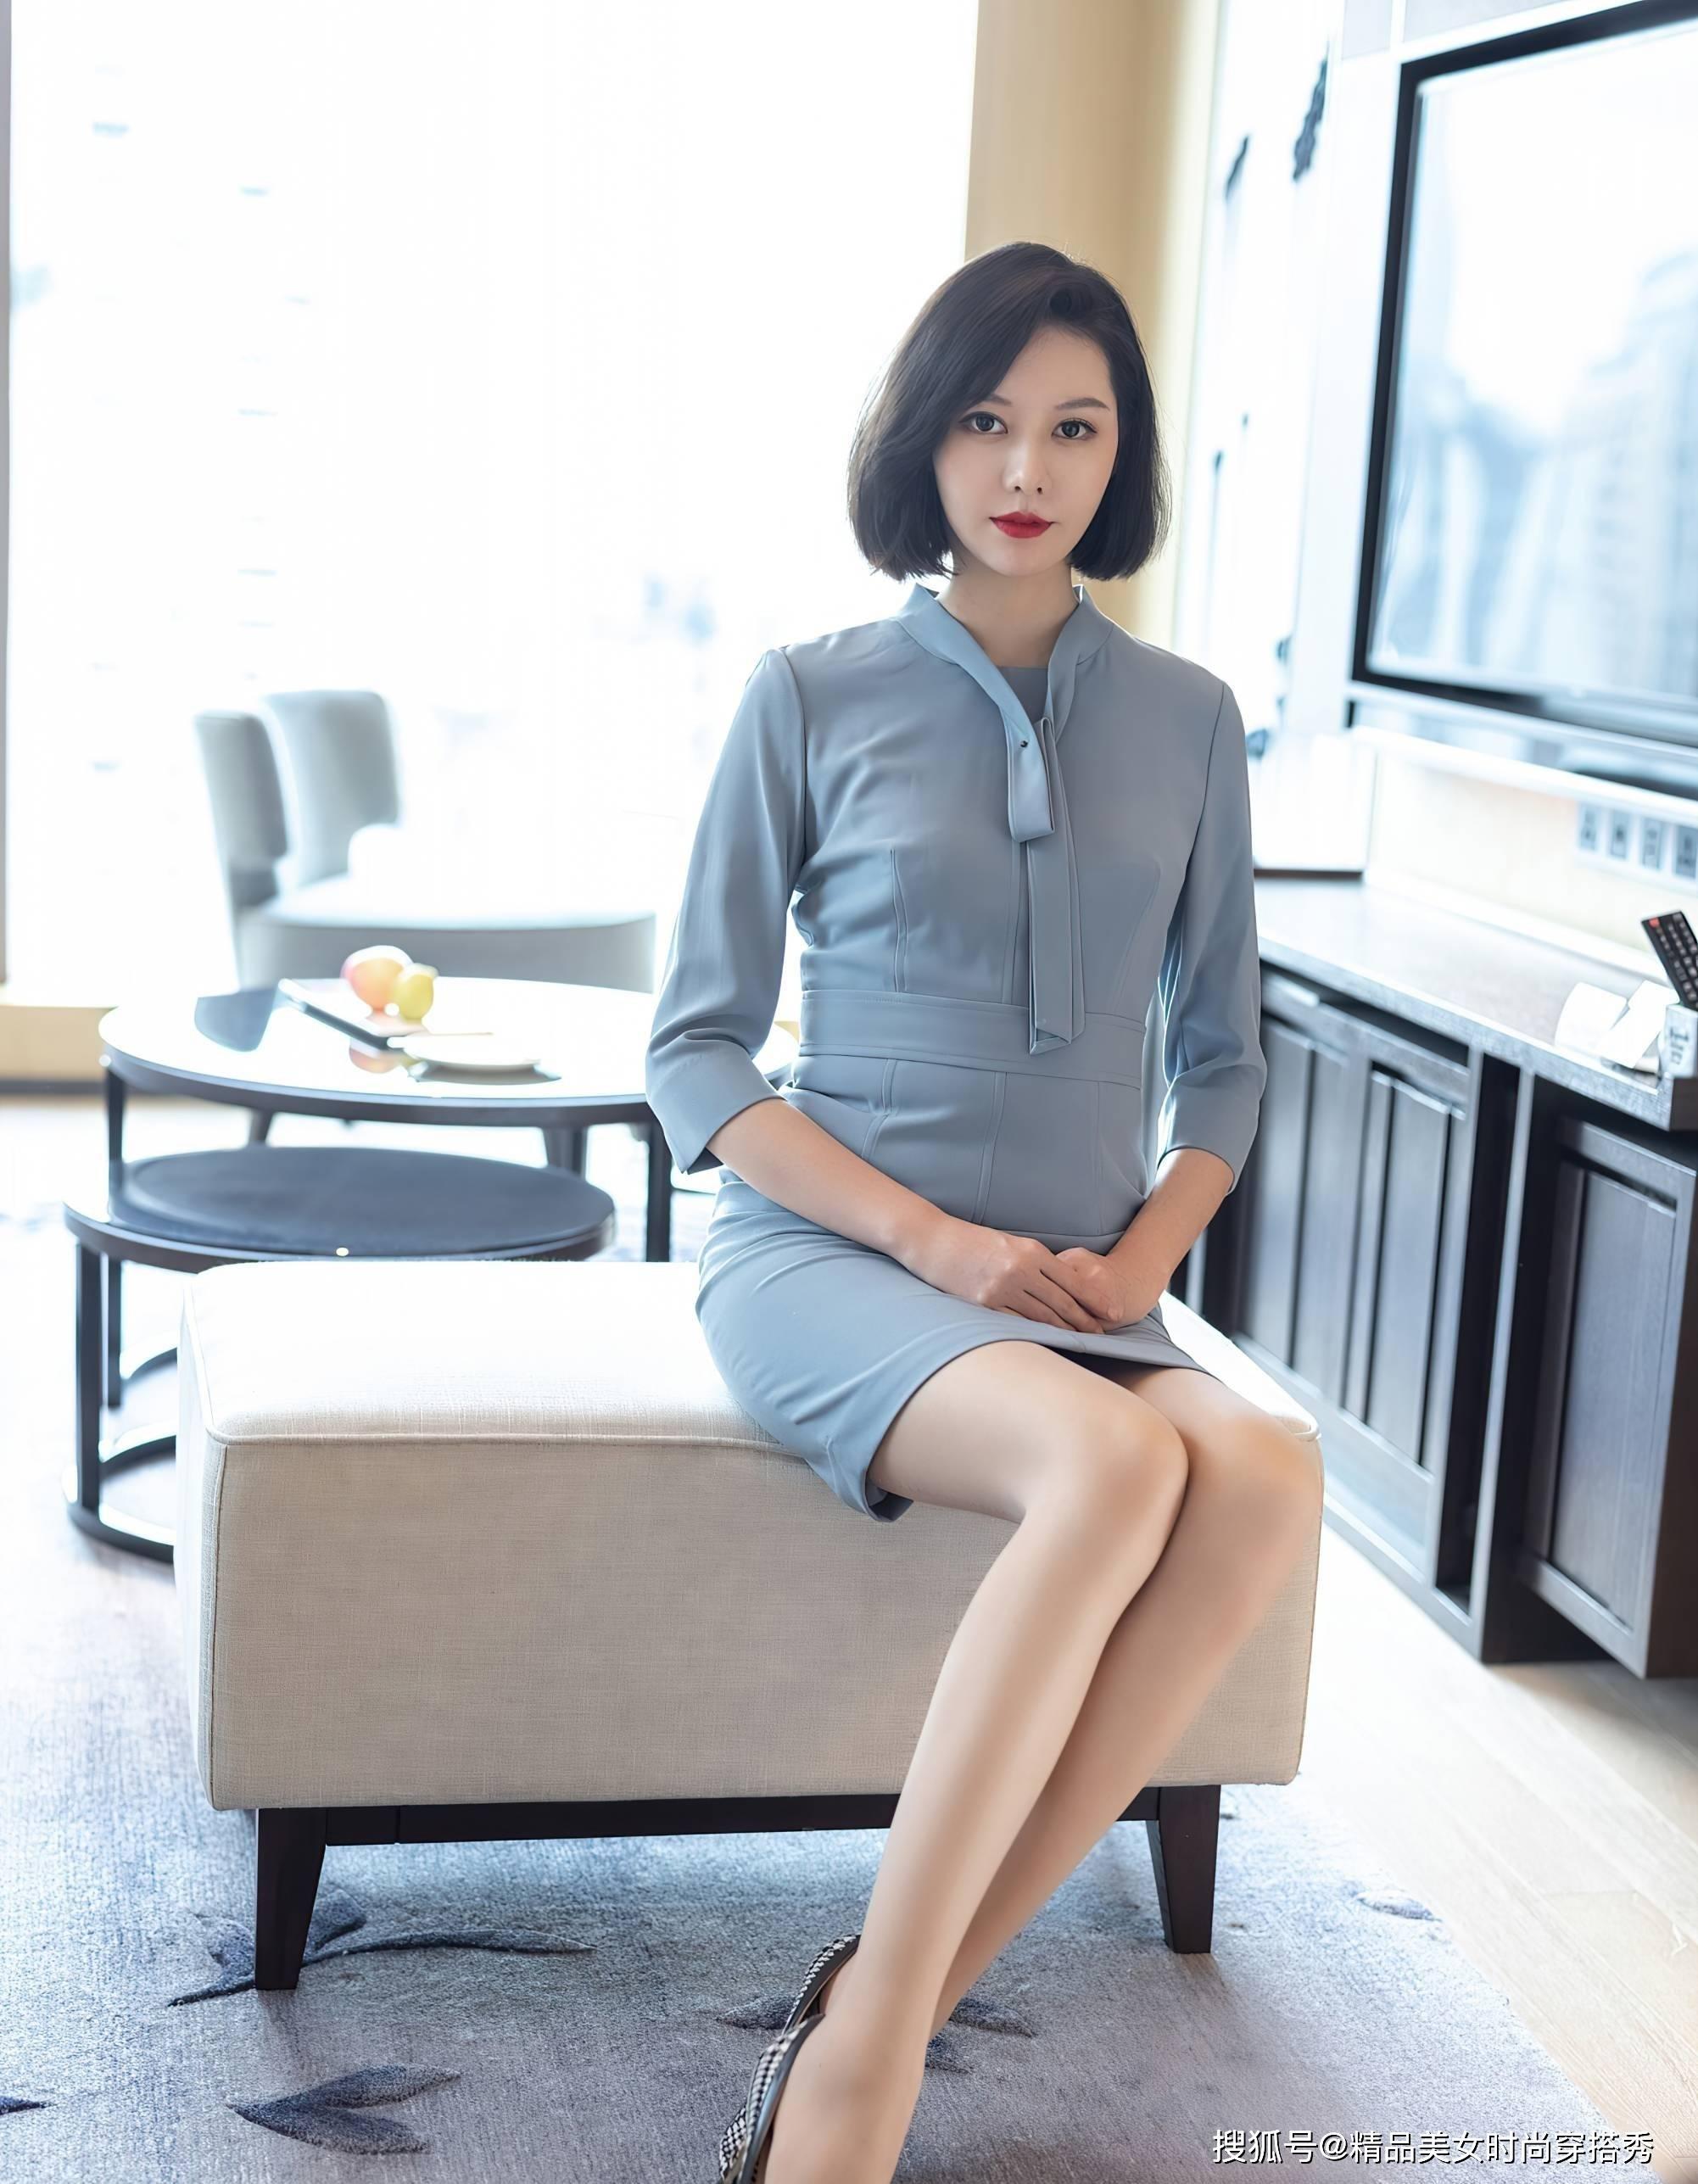 职场穿搭:蓝色连衣裙搭配格子高跟鞋,沉稳又不失女性优雅